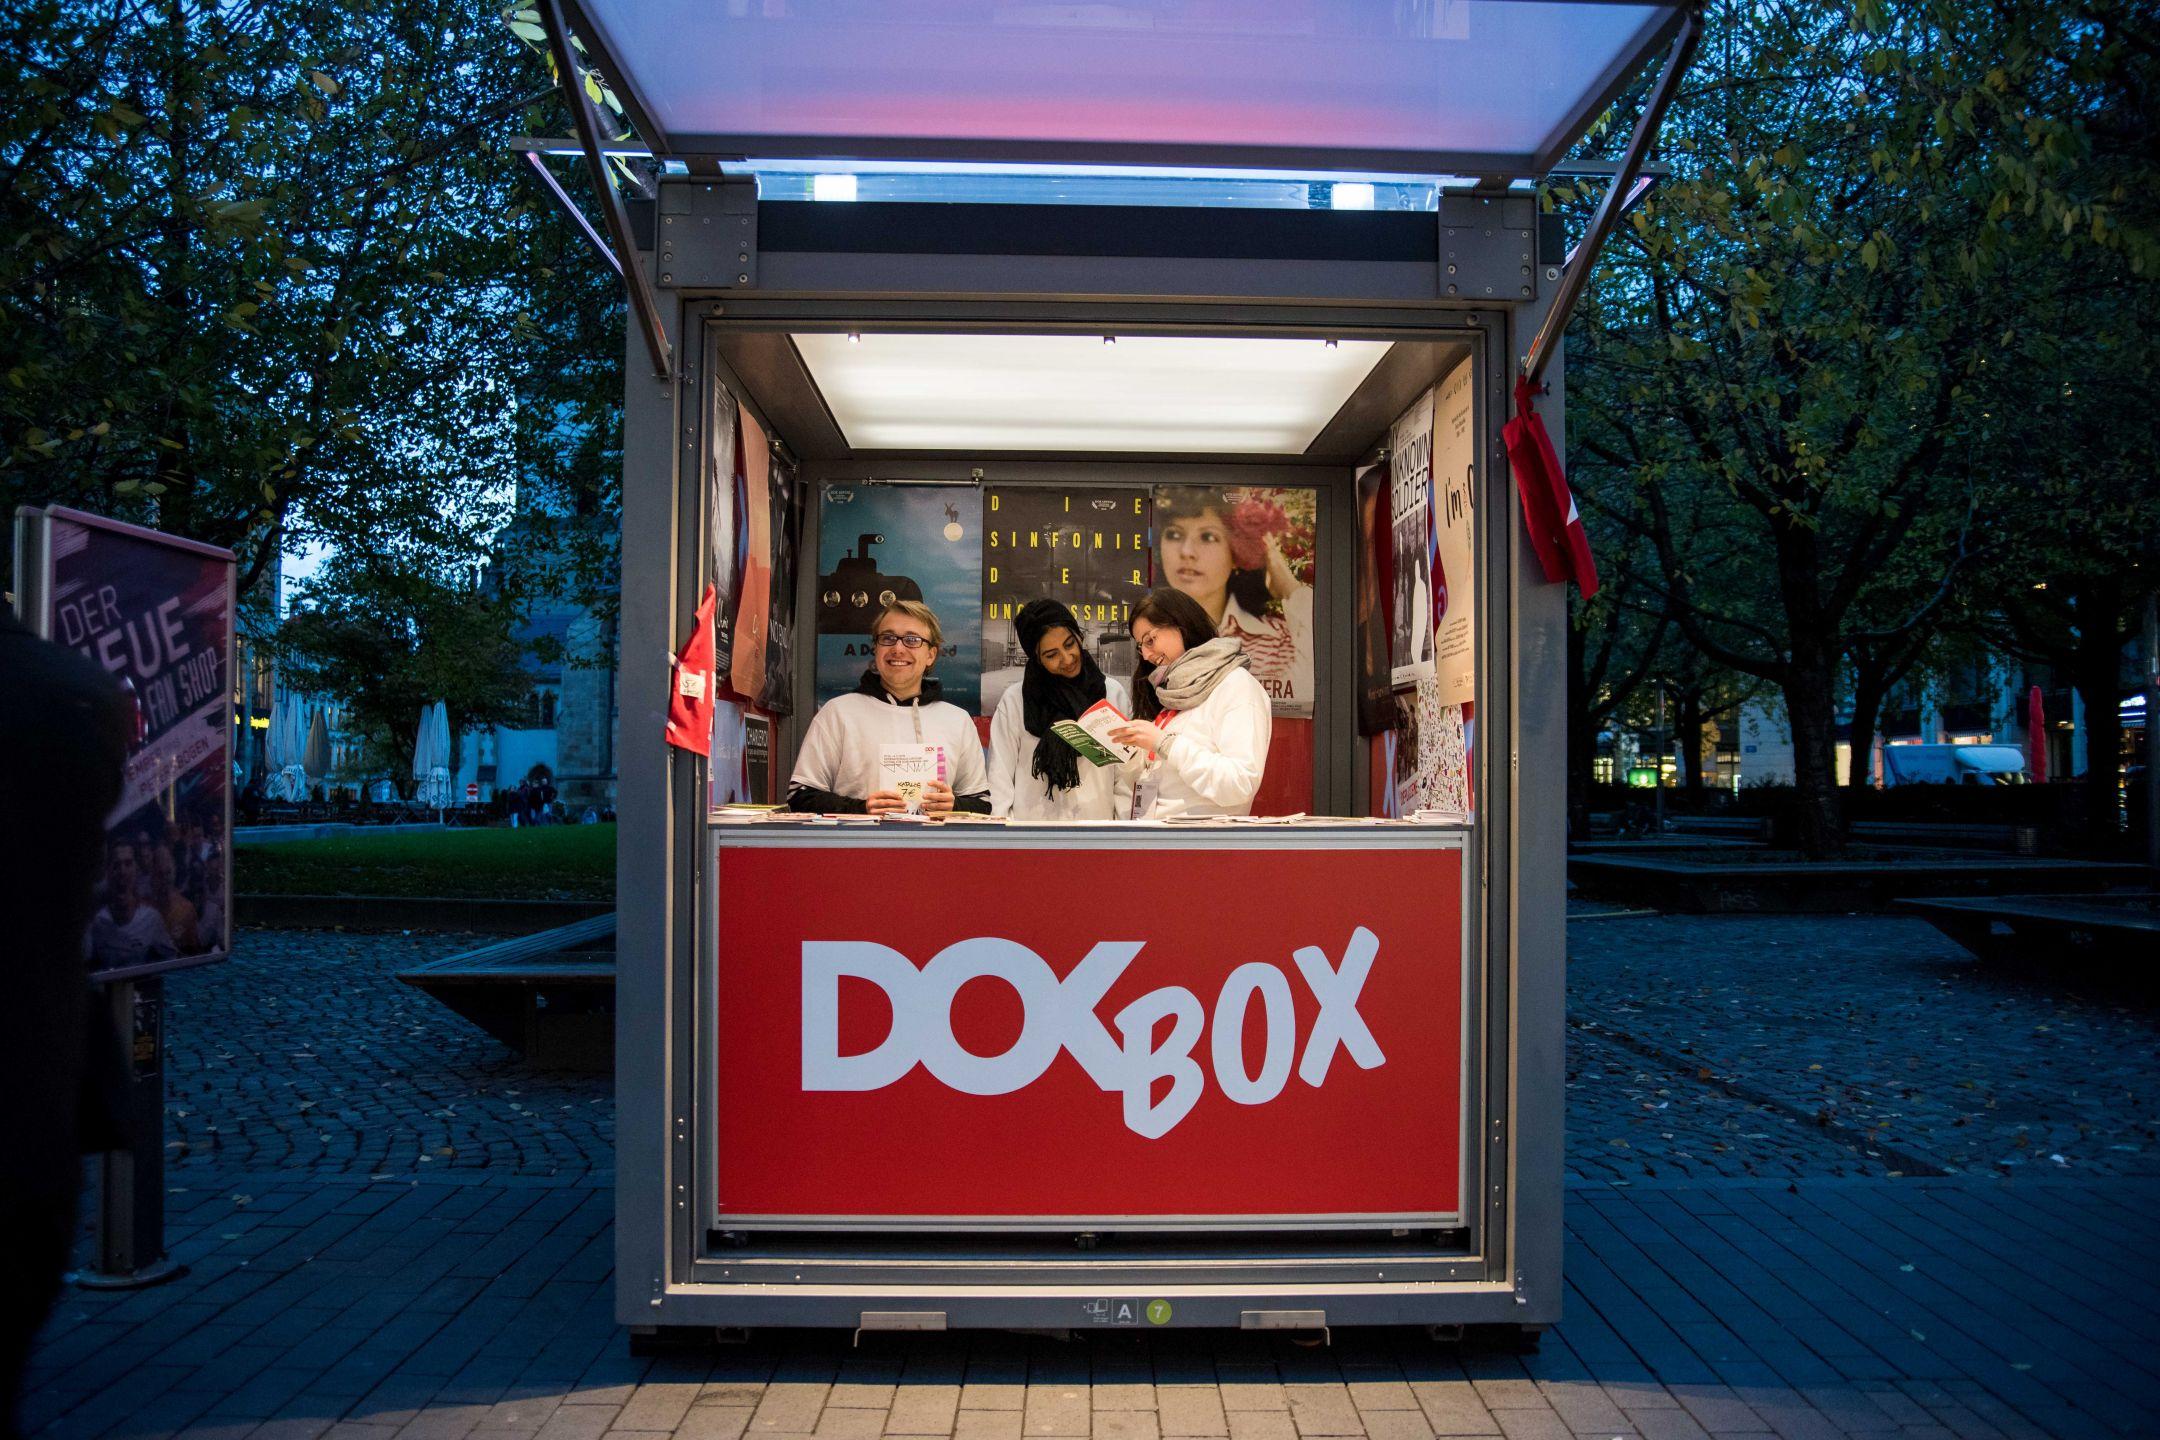 Drei Volunteers im blauen Abendlicht stehen in einer roten DOK Box und schauen in ein Programmheft.